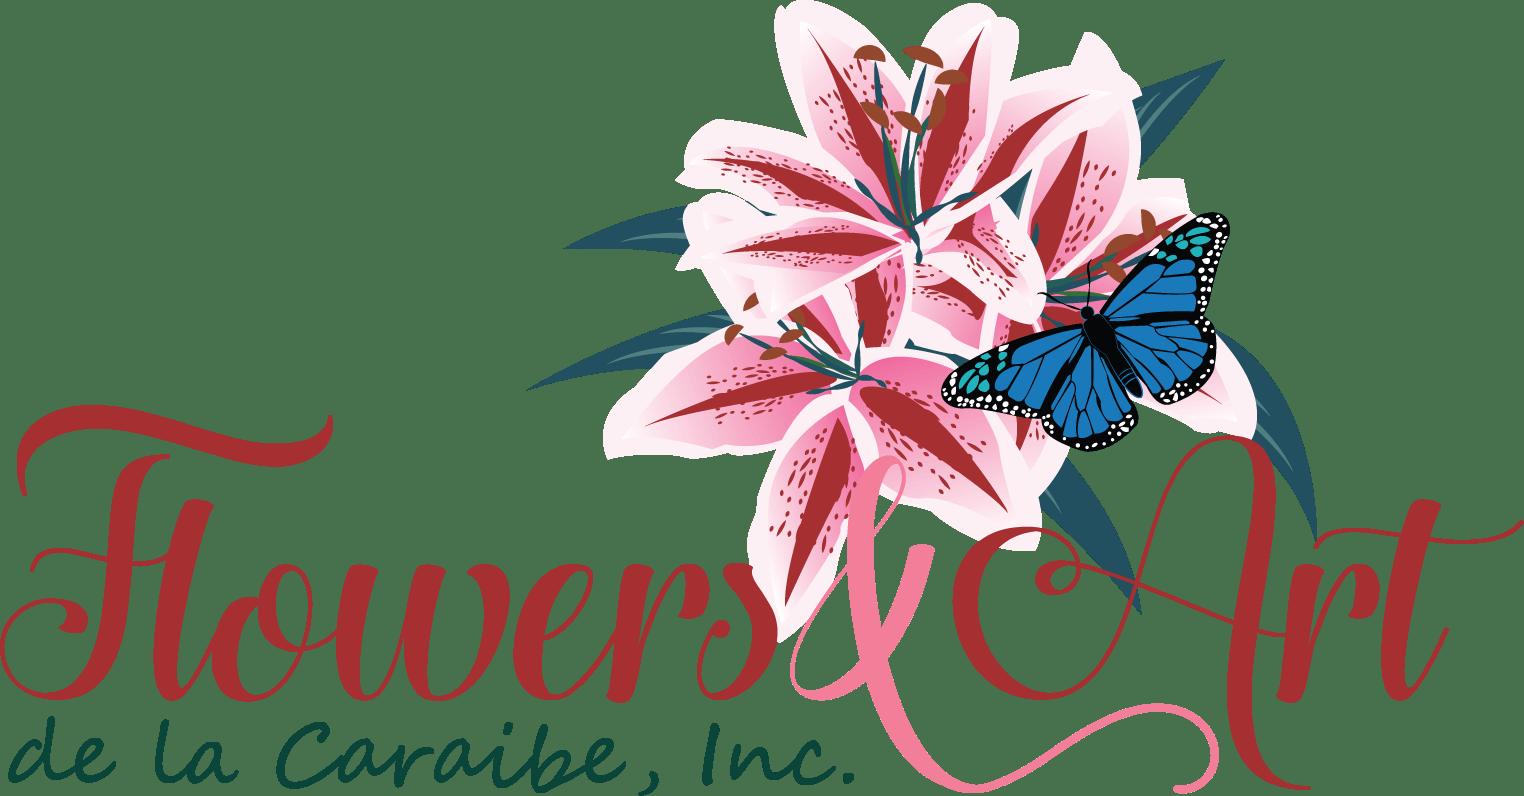 Flowers And Art De La Caraibe, Inc.